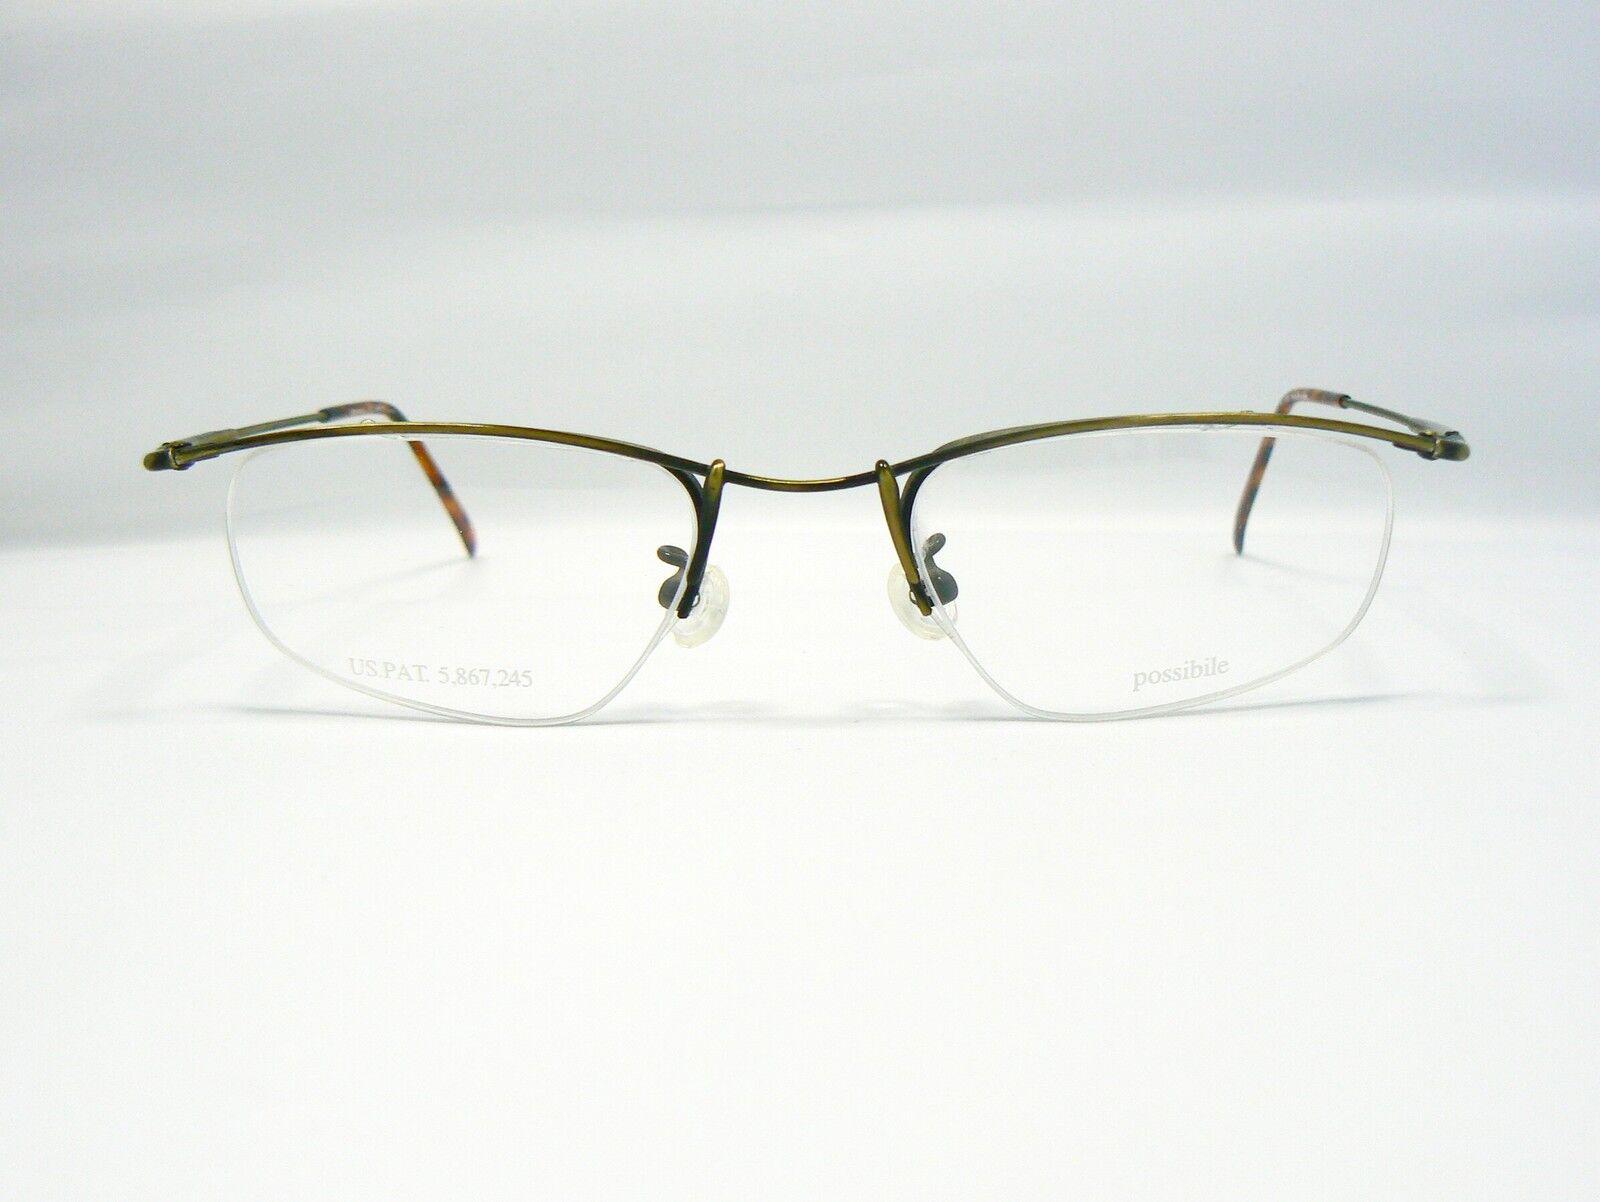 Original Possibile Brille Brillenfassung Terzo TN-006 Farbe GA gold ...